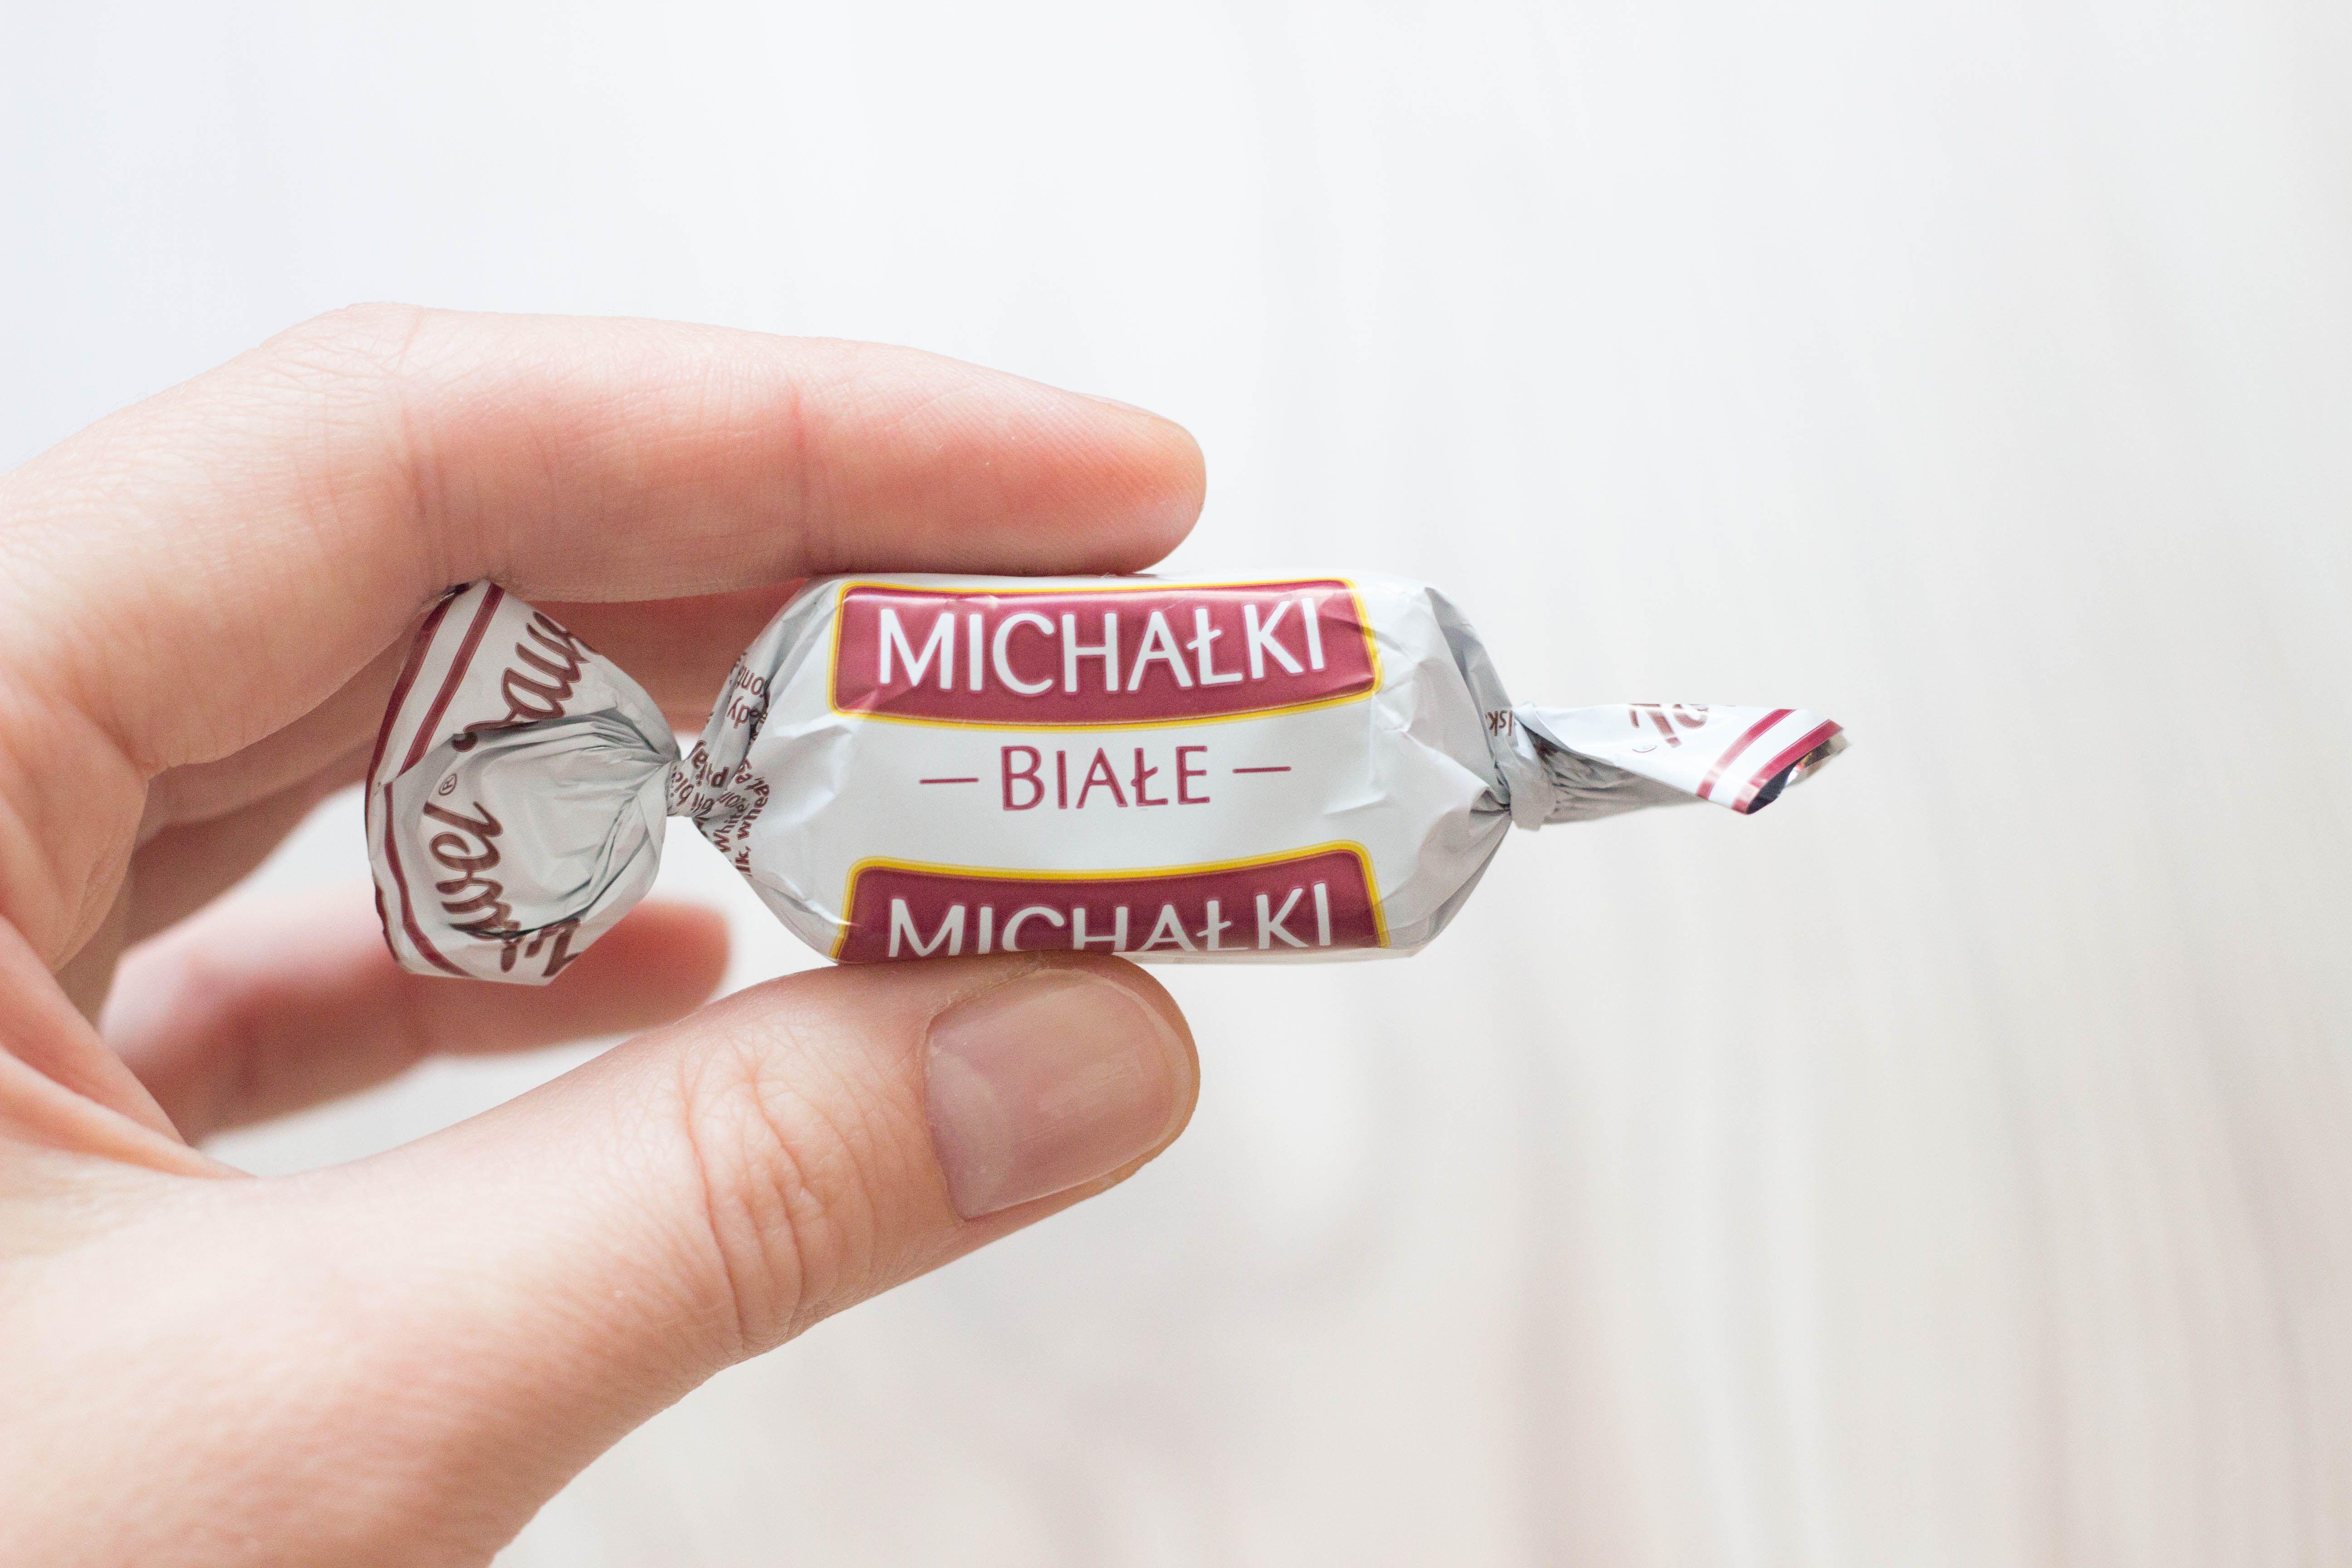 #michalki, #cukierki, #biale, #sweets